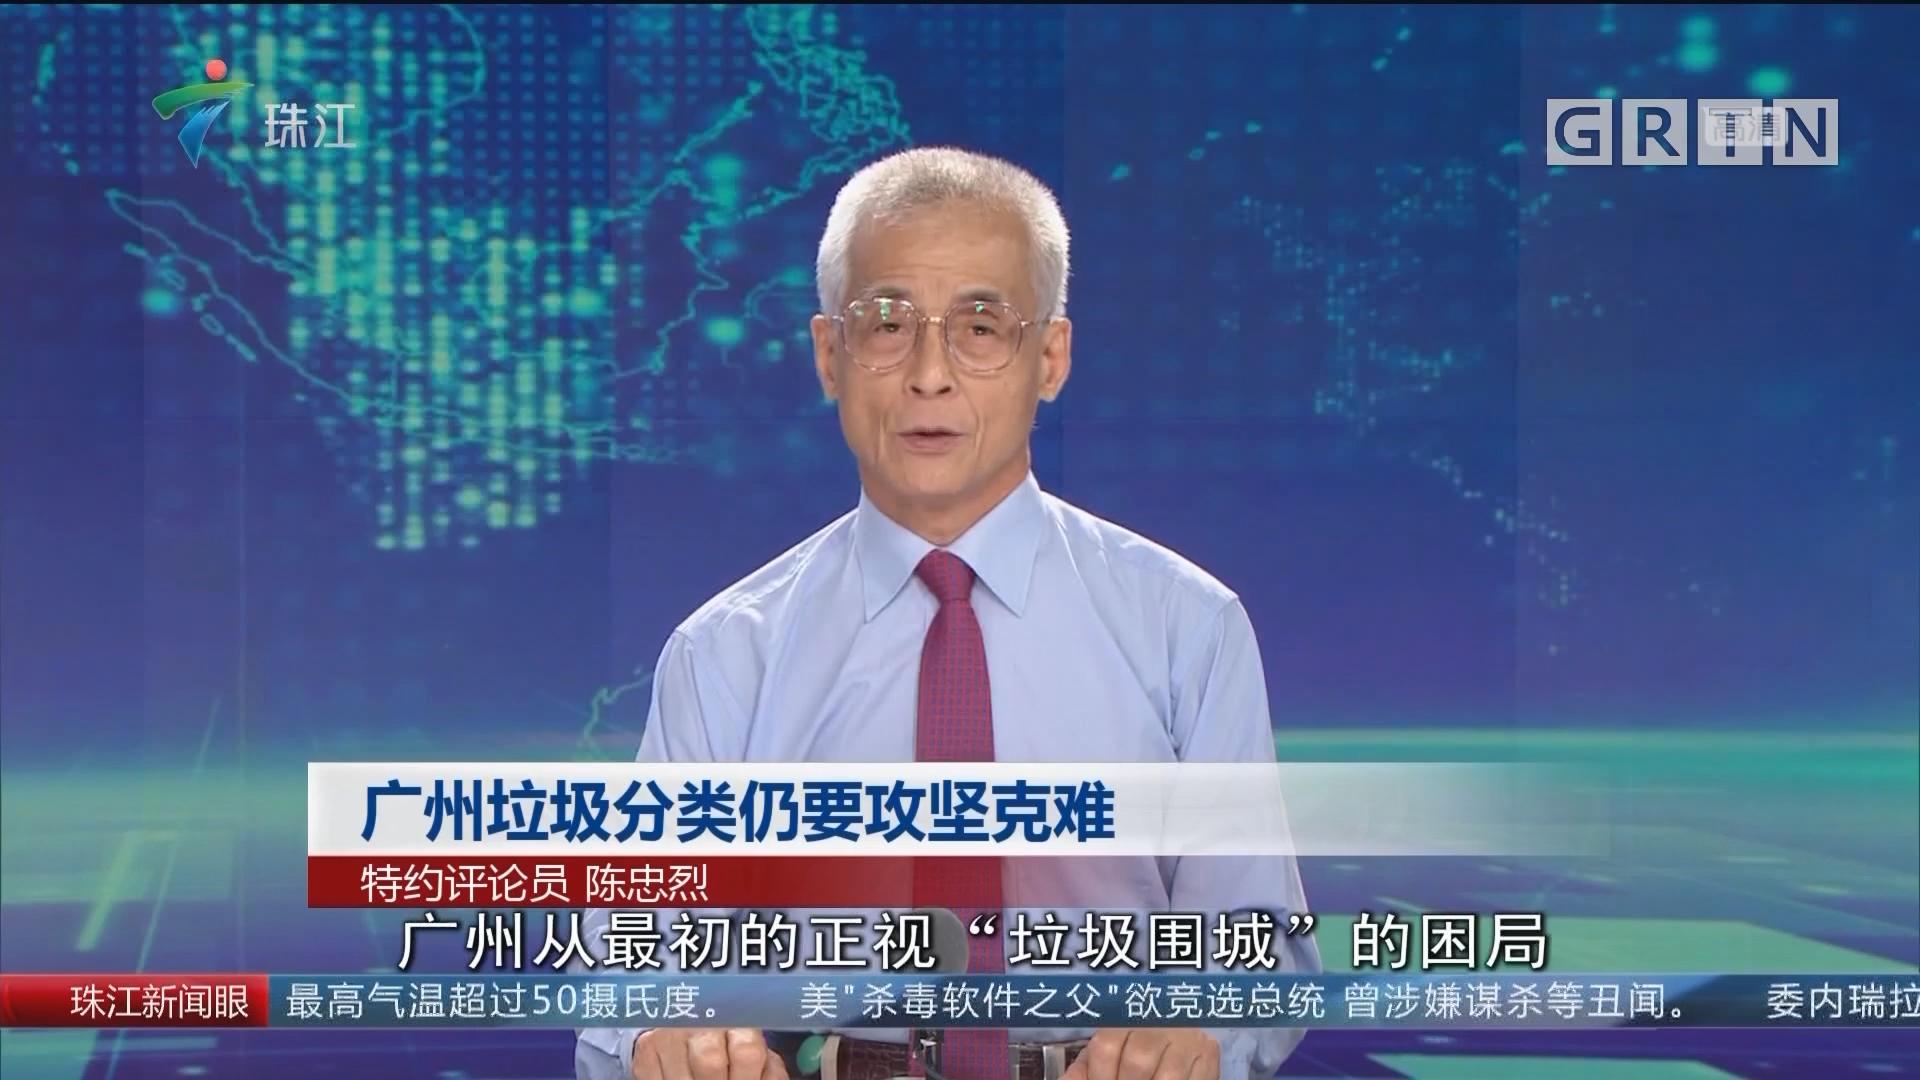 广州垃圾分类仍要攻坚克难